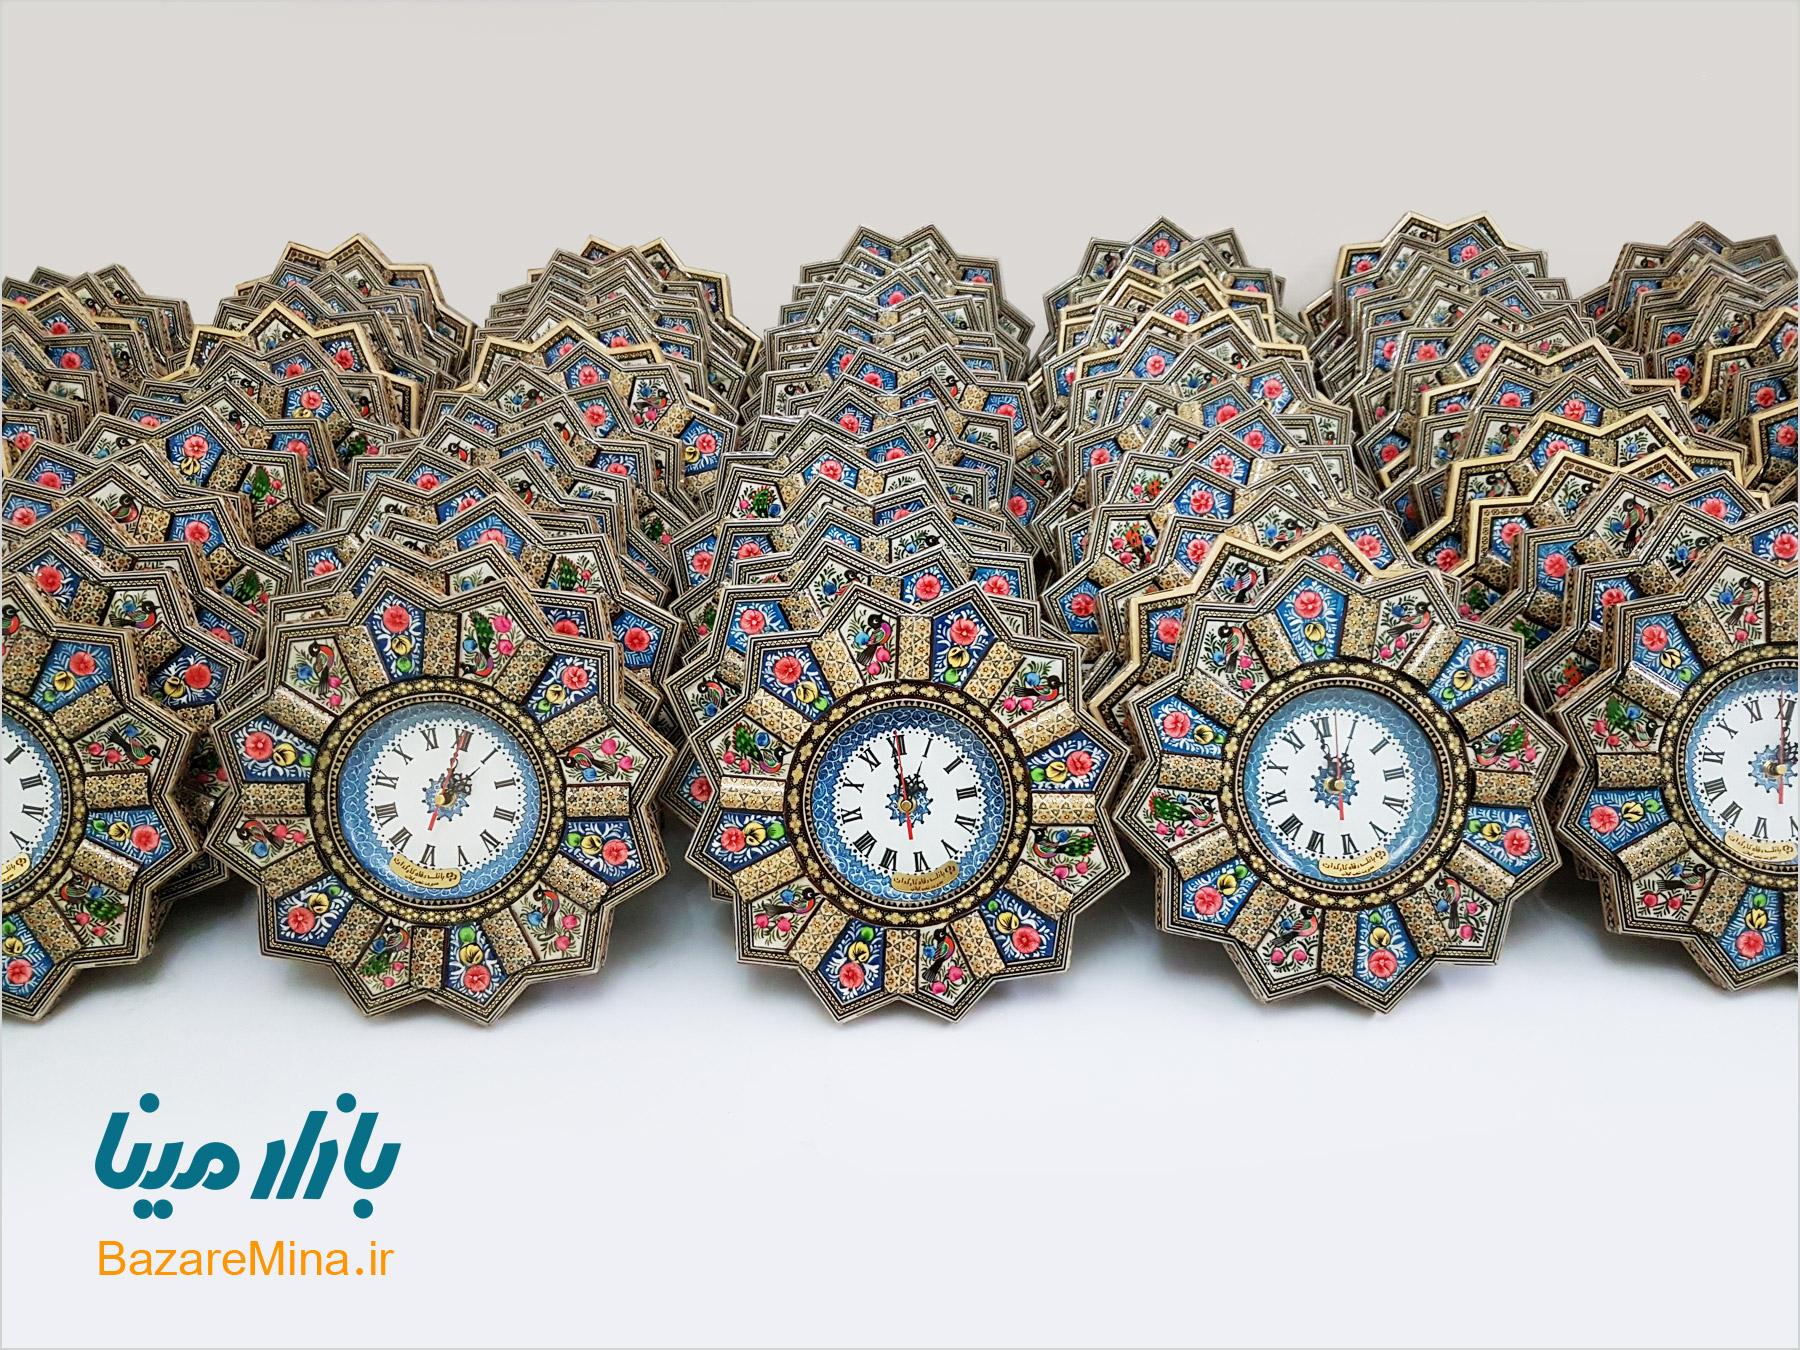 فروش عمده هدایای تبلیغاتی صنایع دستی